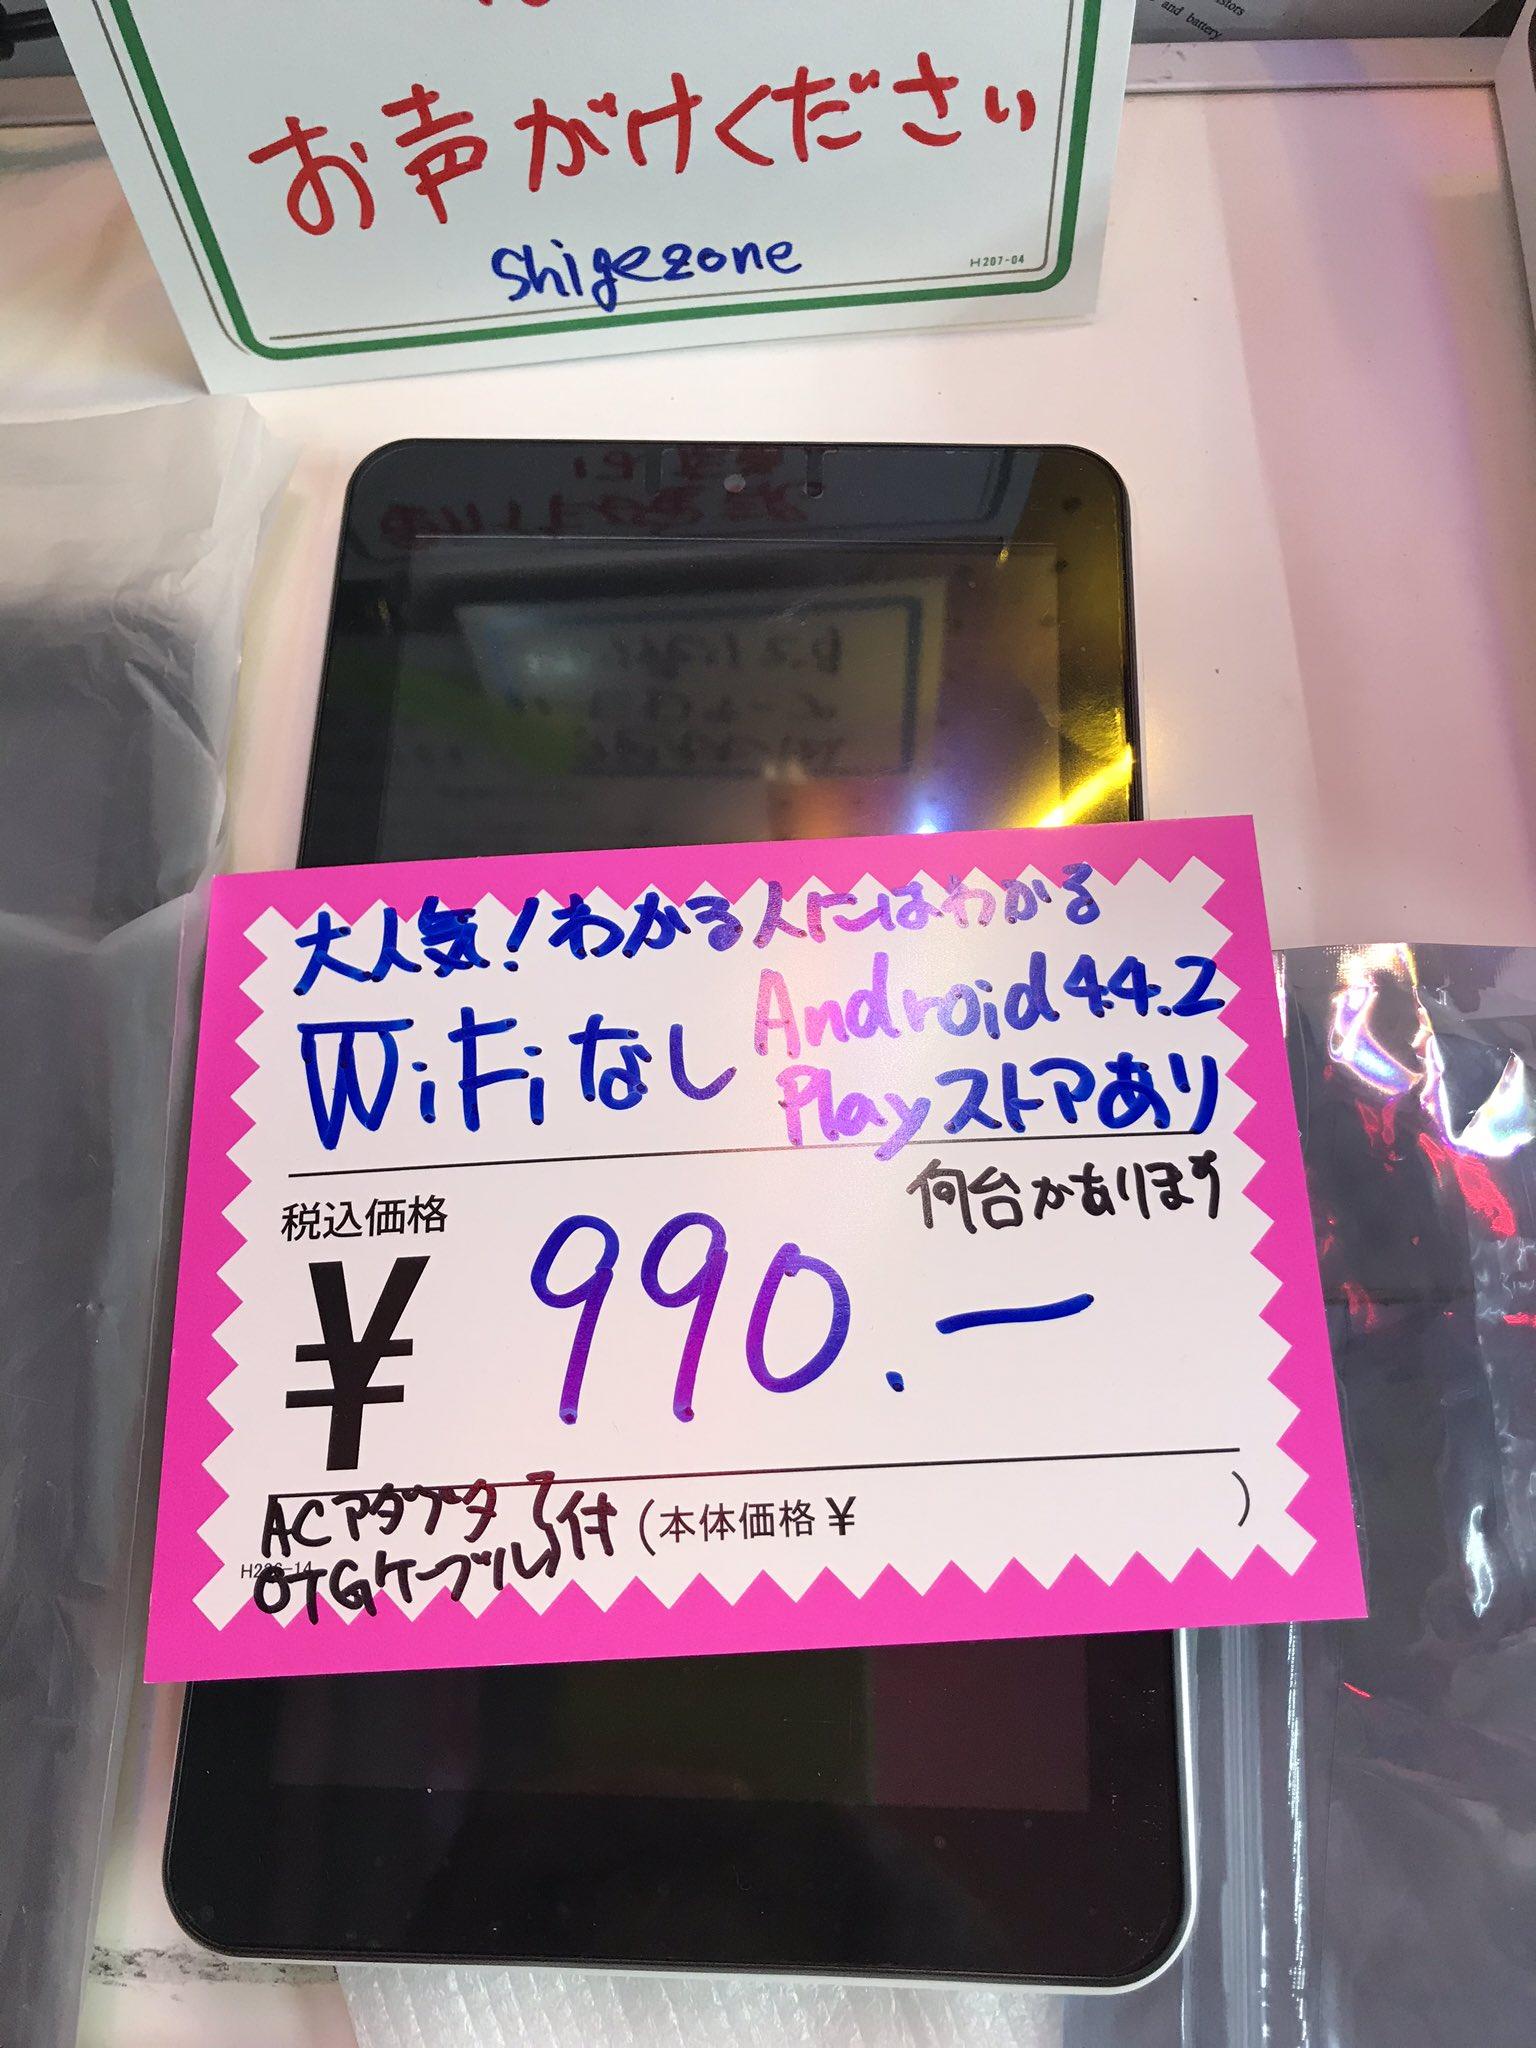 990円の謎Androidタブレット欲しいんだが買いかな?